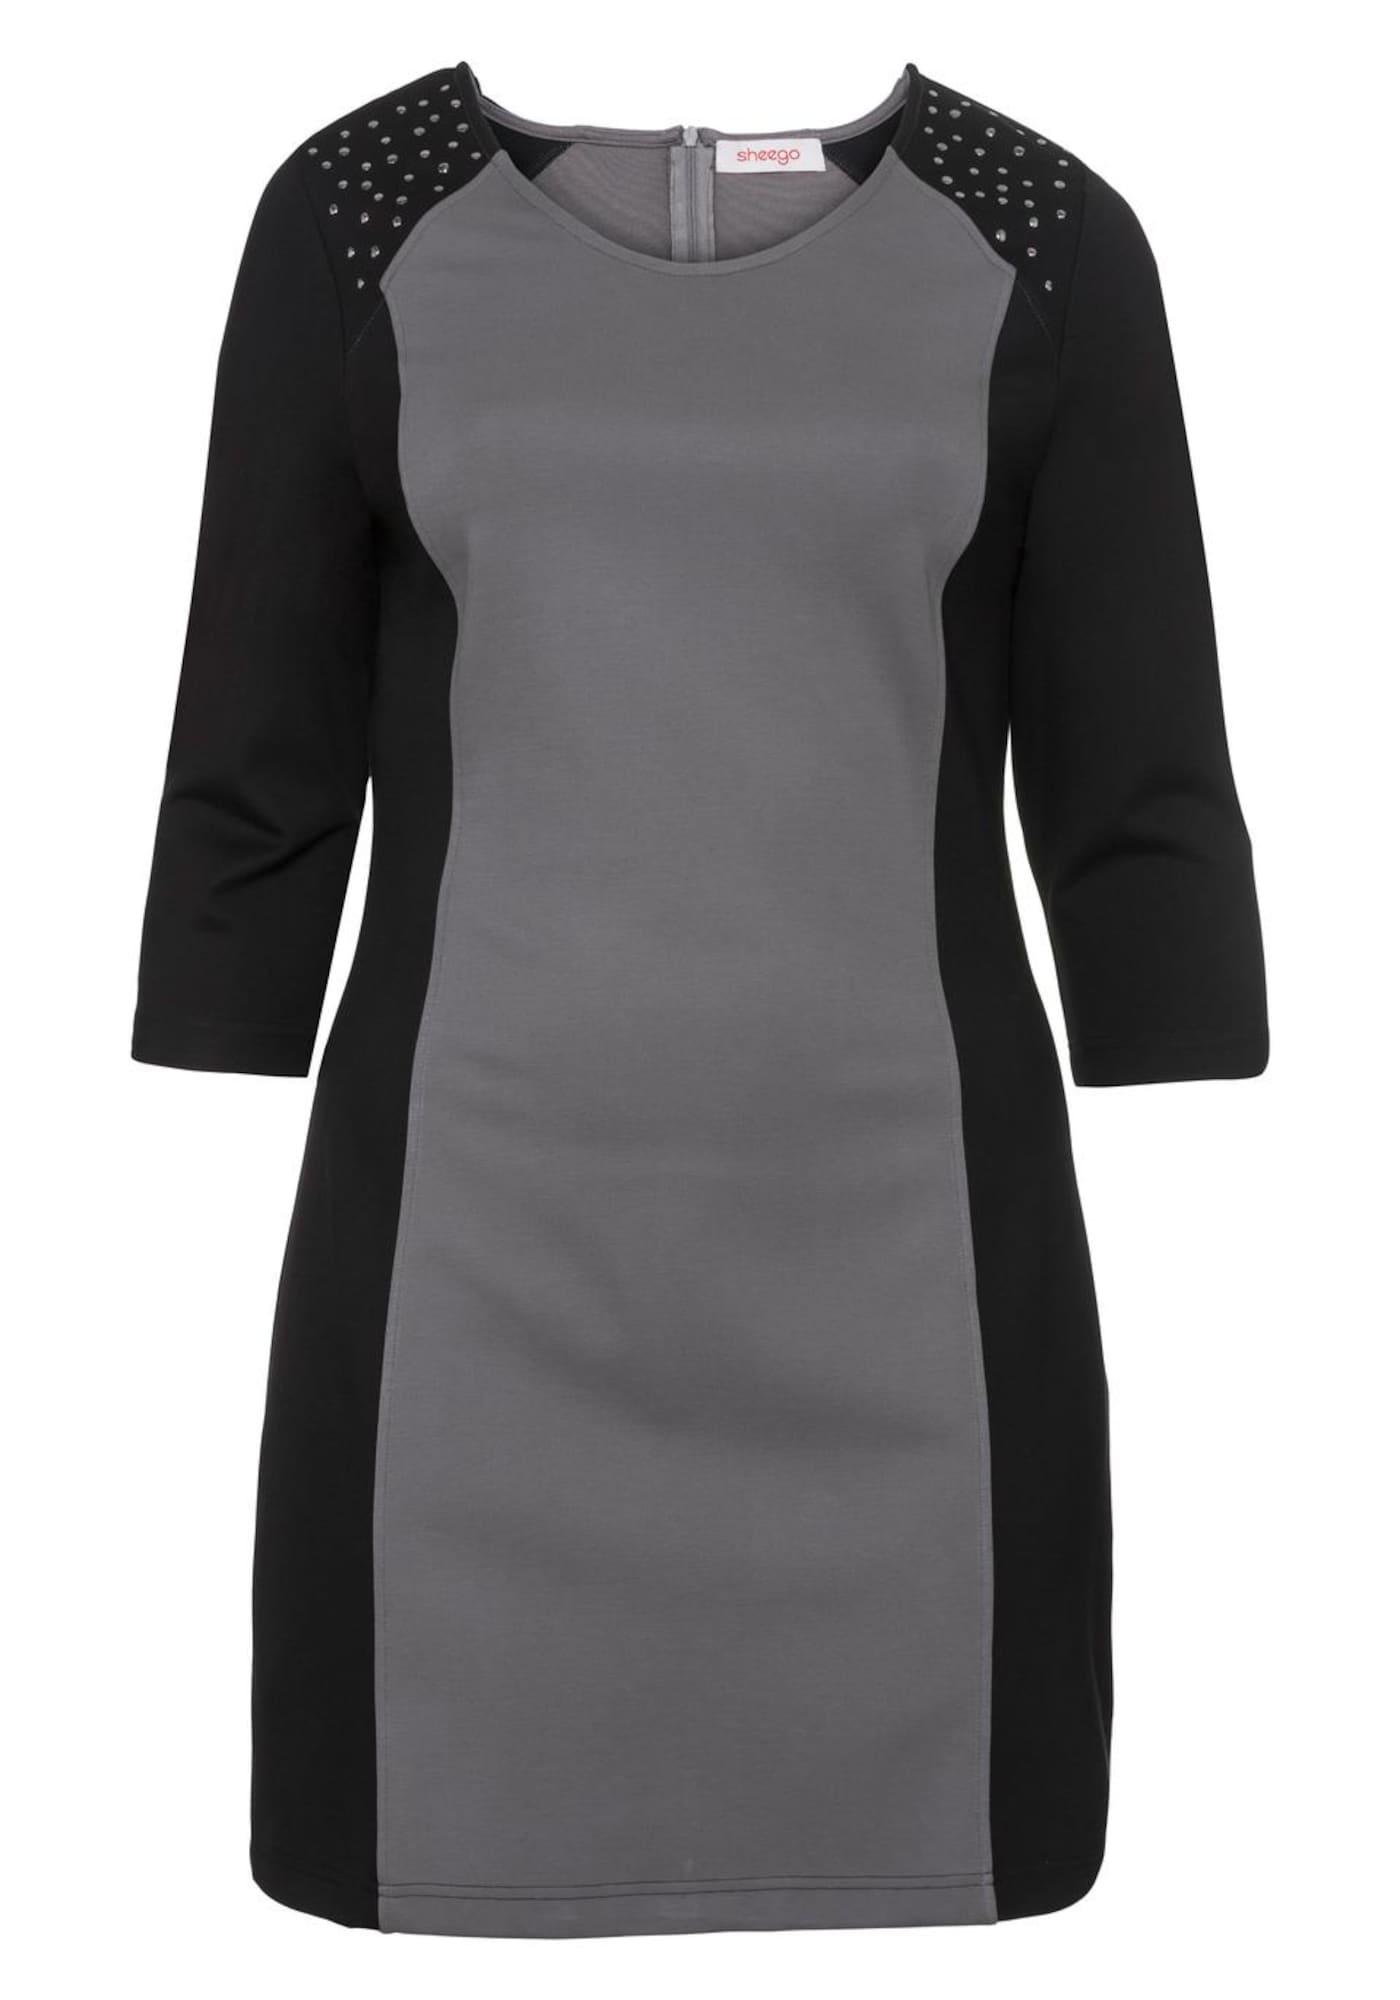 731 46 bis 54 schwarz weiß Sheego Kleid Jerseykleid Damen Viskose Gr 058